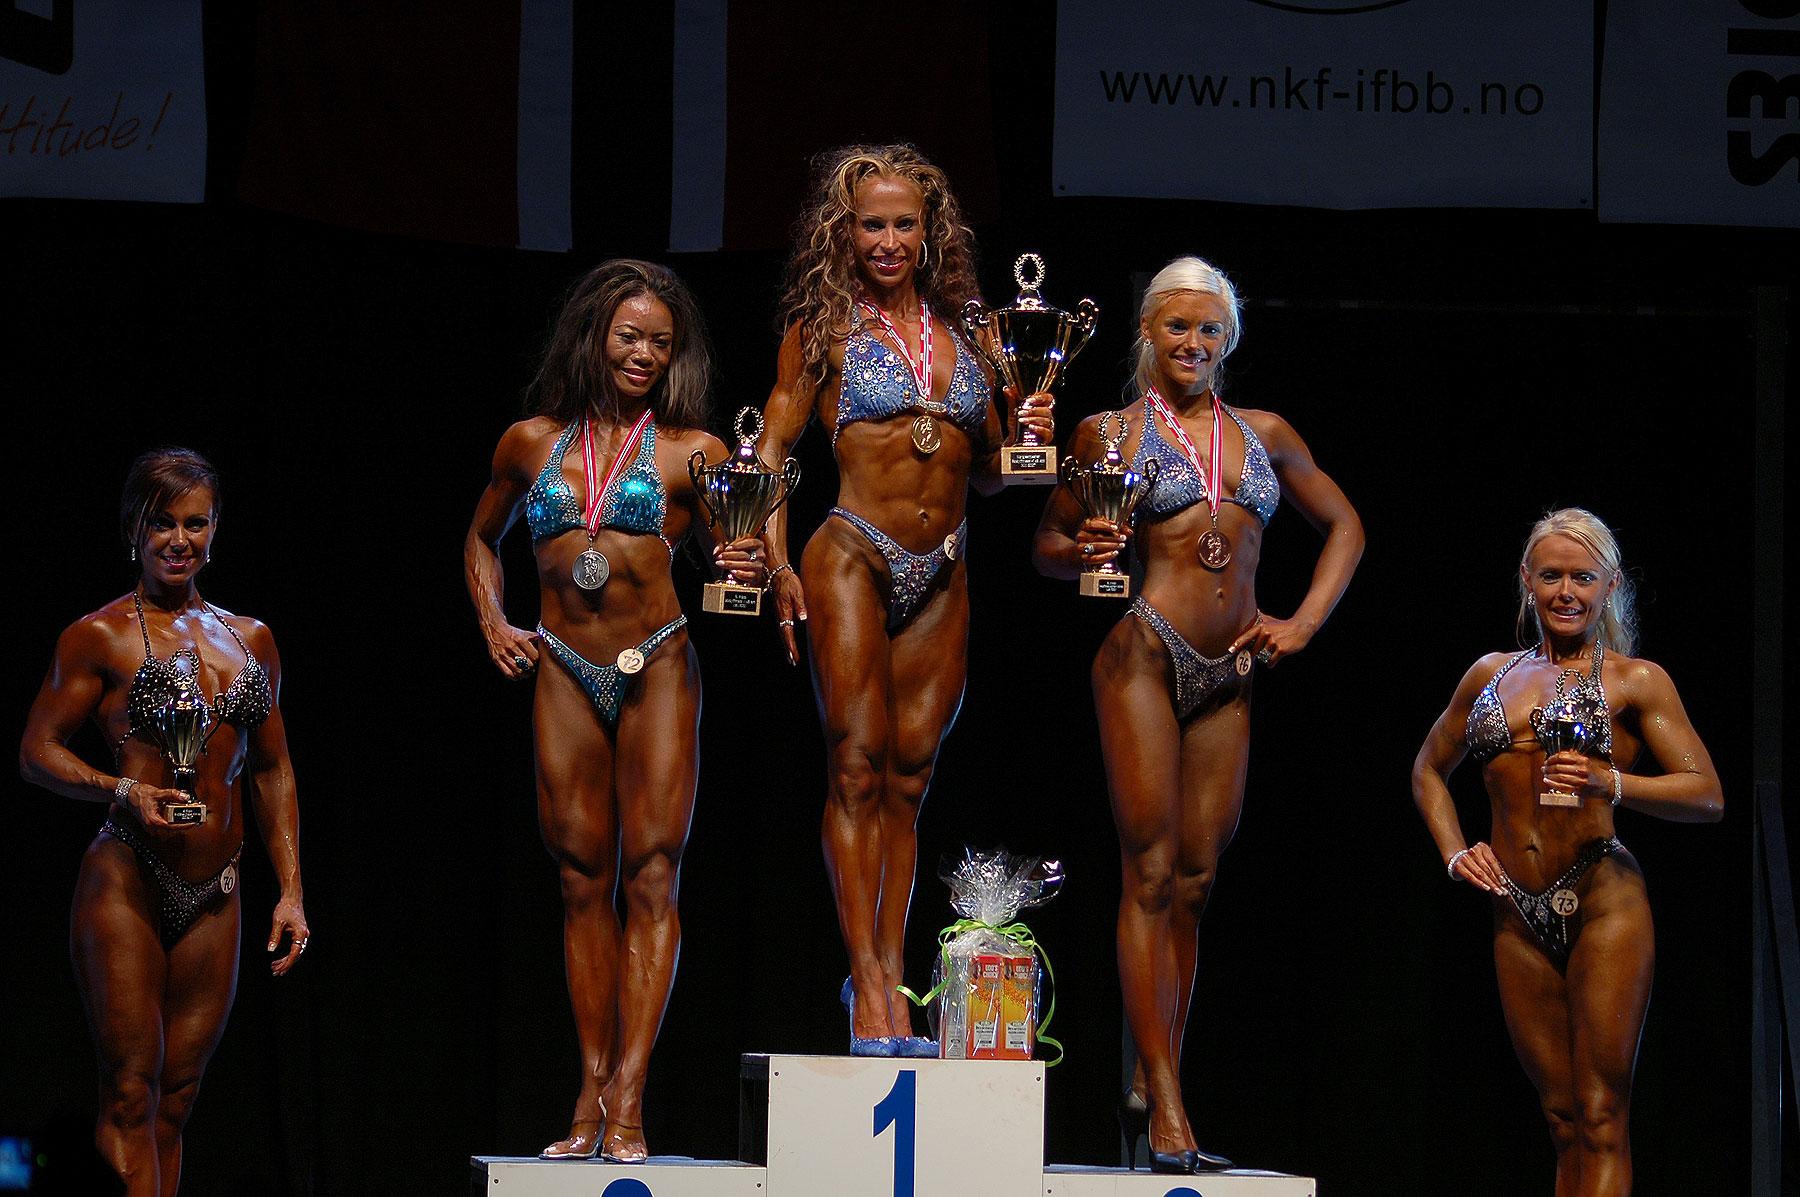 e32bba89 2.725 bilder og resultater fra NM i Kroppsbygging og Fitness 2007